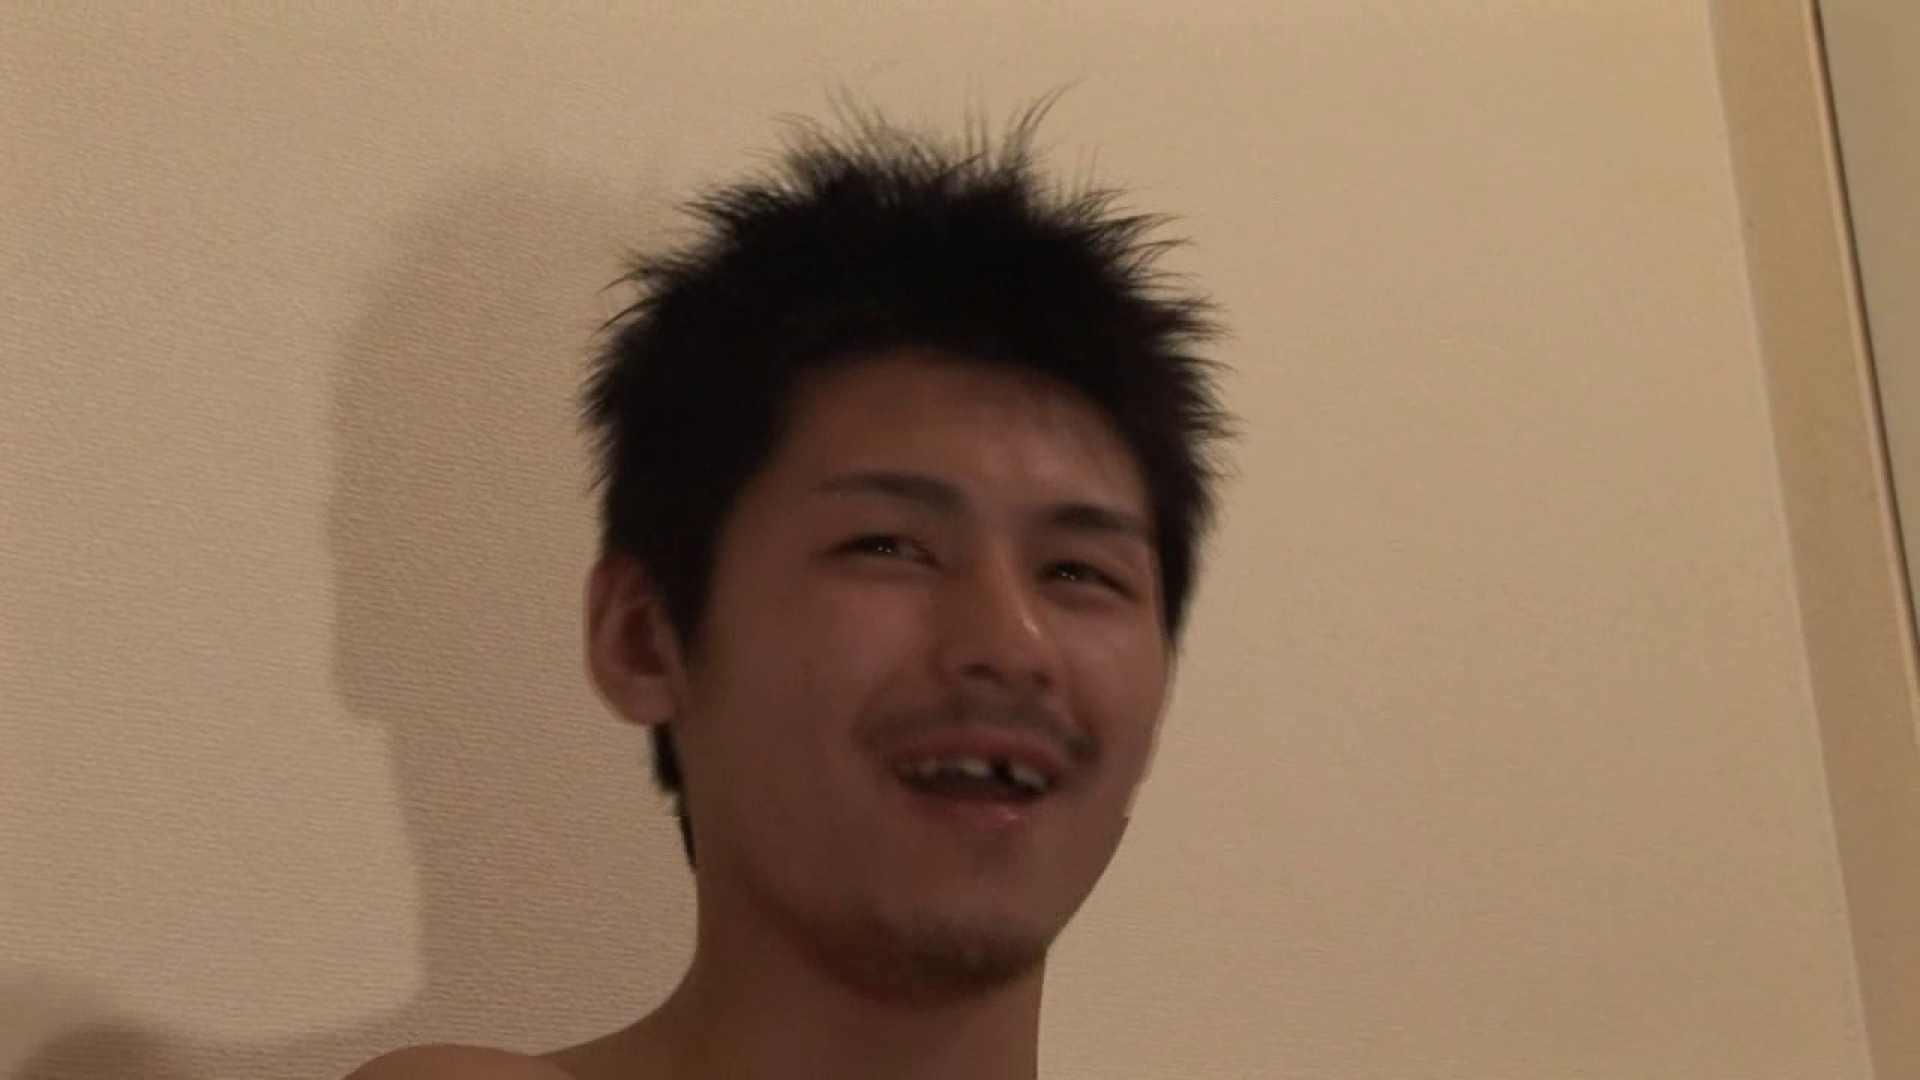 オラオラ系兄貴の飛ばしてなんぼ!! ドキュメント ゲイSEX画像 91枚 25